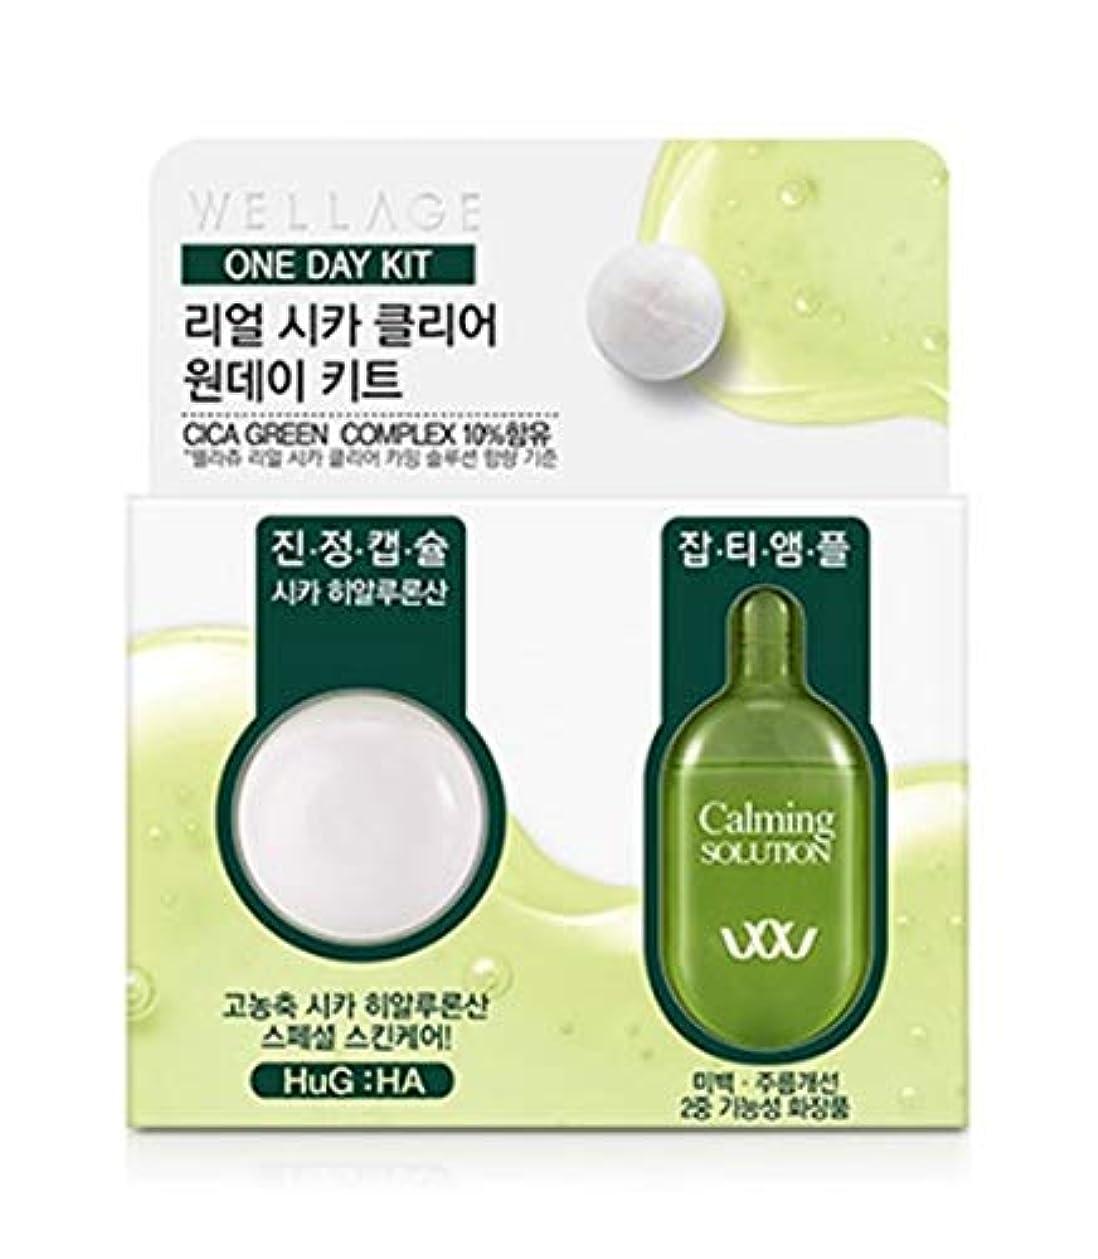 選択する一般的な企業Wellageウェレッジリアル1日キットCICAクリアアンプルカプセル 韓国の人気化粧品ブランドの基礎化粧アンプル、カプセル、女性の肌鎮静スキンケア